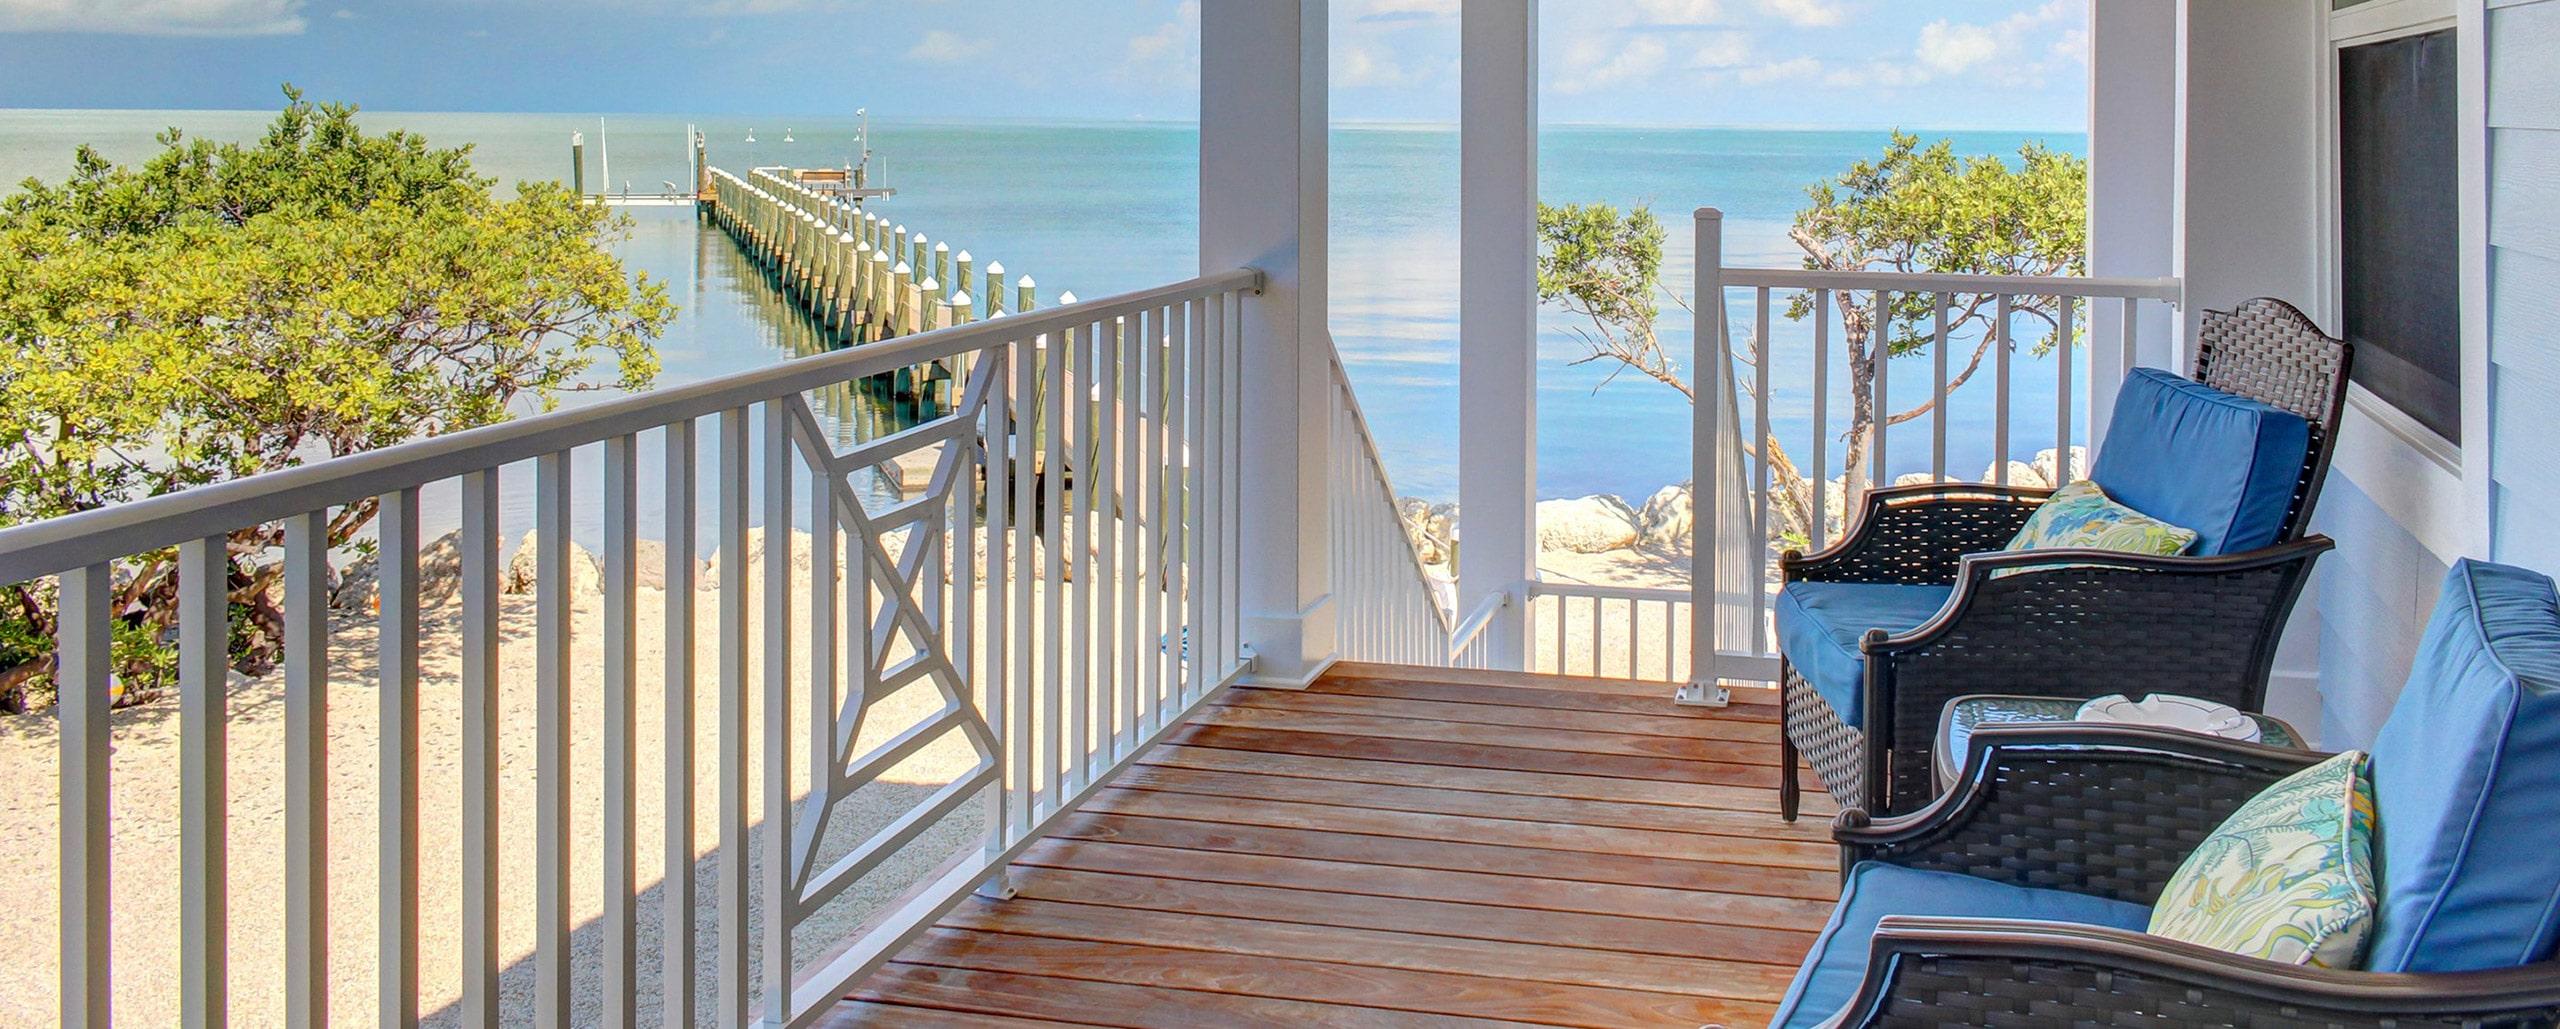 Vacasa Vacation Rental Home